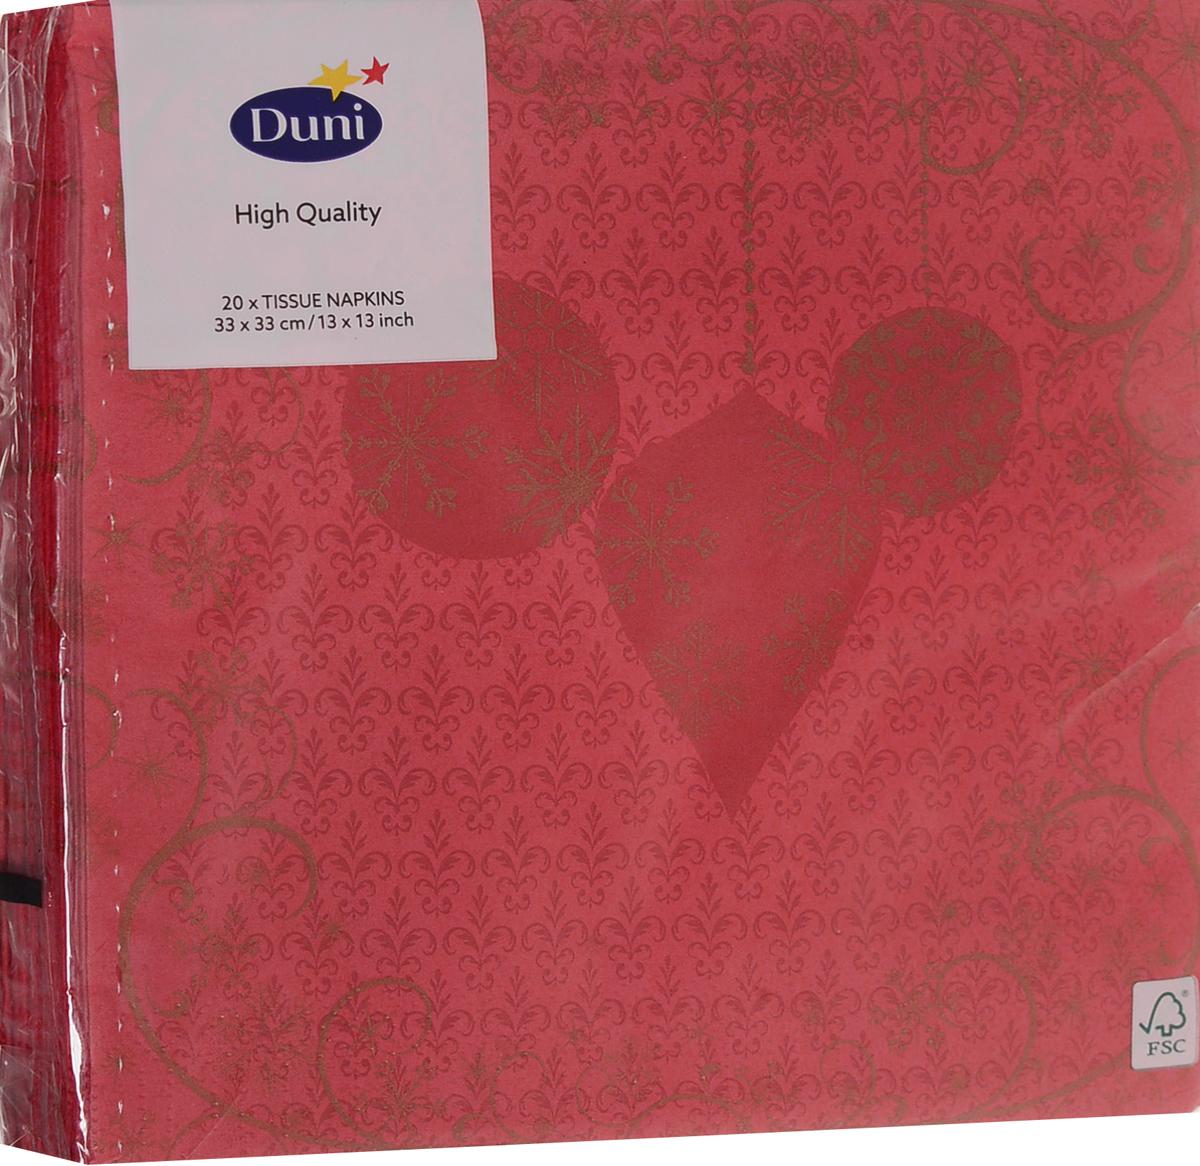 Салфетки бумажные Duni Ornate X-Mas, 3-слойные, цвет: красный, 33 х 33 см, 20 шт0910-1230_красныйТрехслойные бумажные салфетки изготовлены из экологически чистого, высококачественного сырья - 100% целлюлозы. Салфетки выполнены в оригинальном и современном стиле, прекрасно сочетаются с любым интерьером и всегда будут прекрасным и незаменимым украшением стола. В упаковке 20 салфеток.